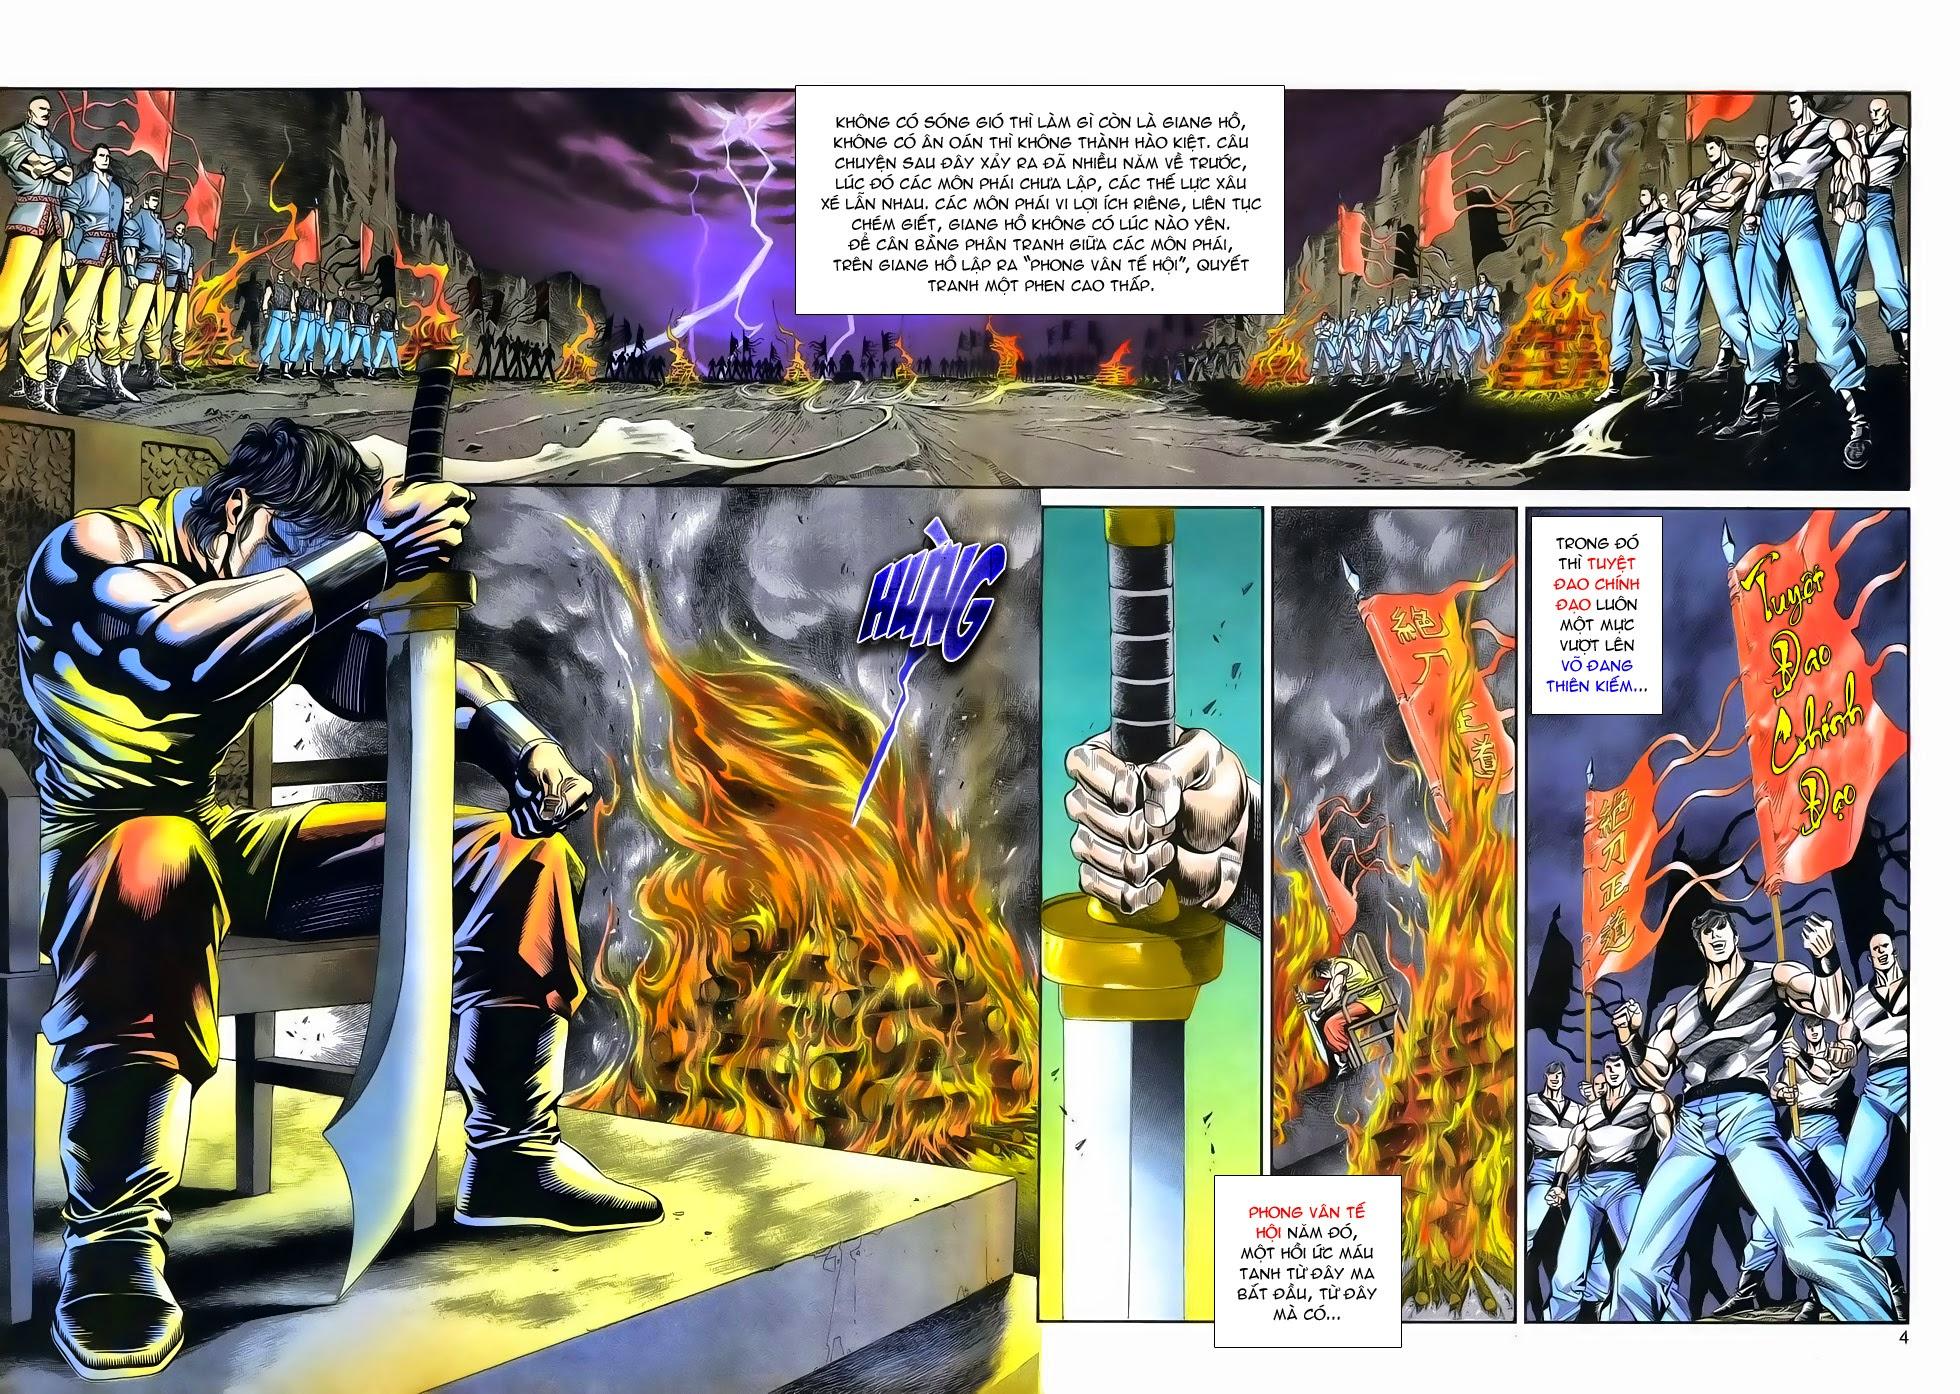 Long Hổ Phong Bạo chap 4 - Trang 4